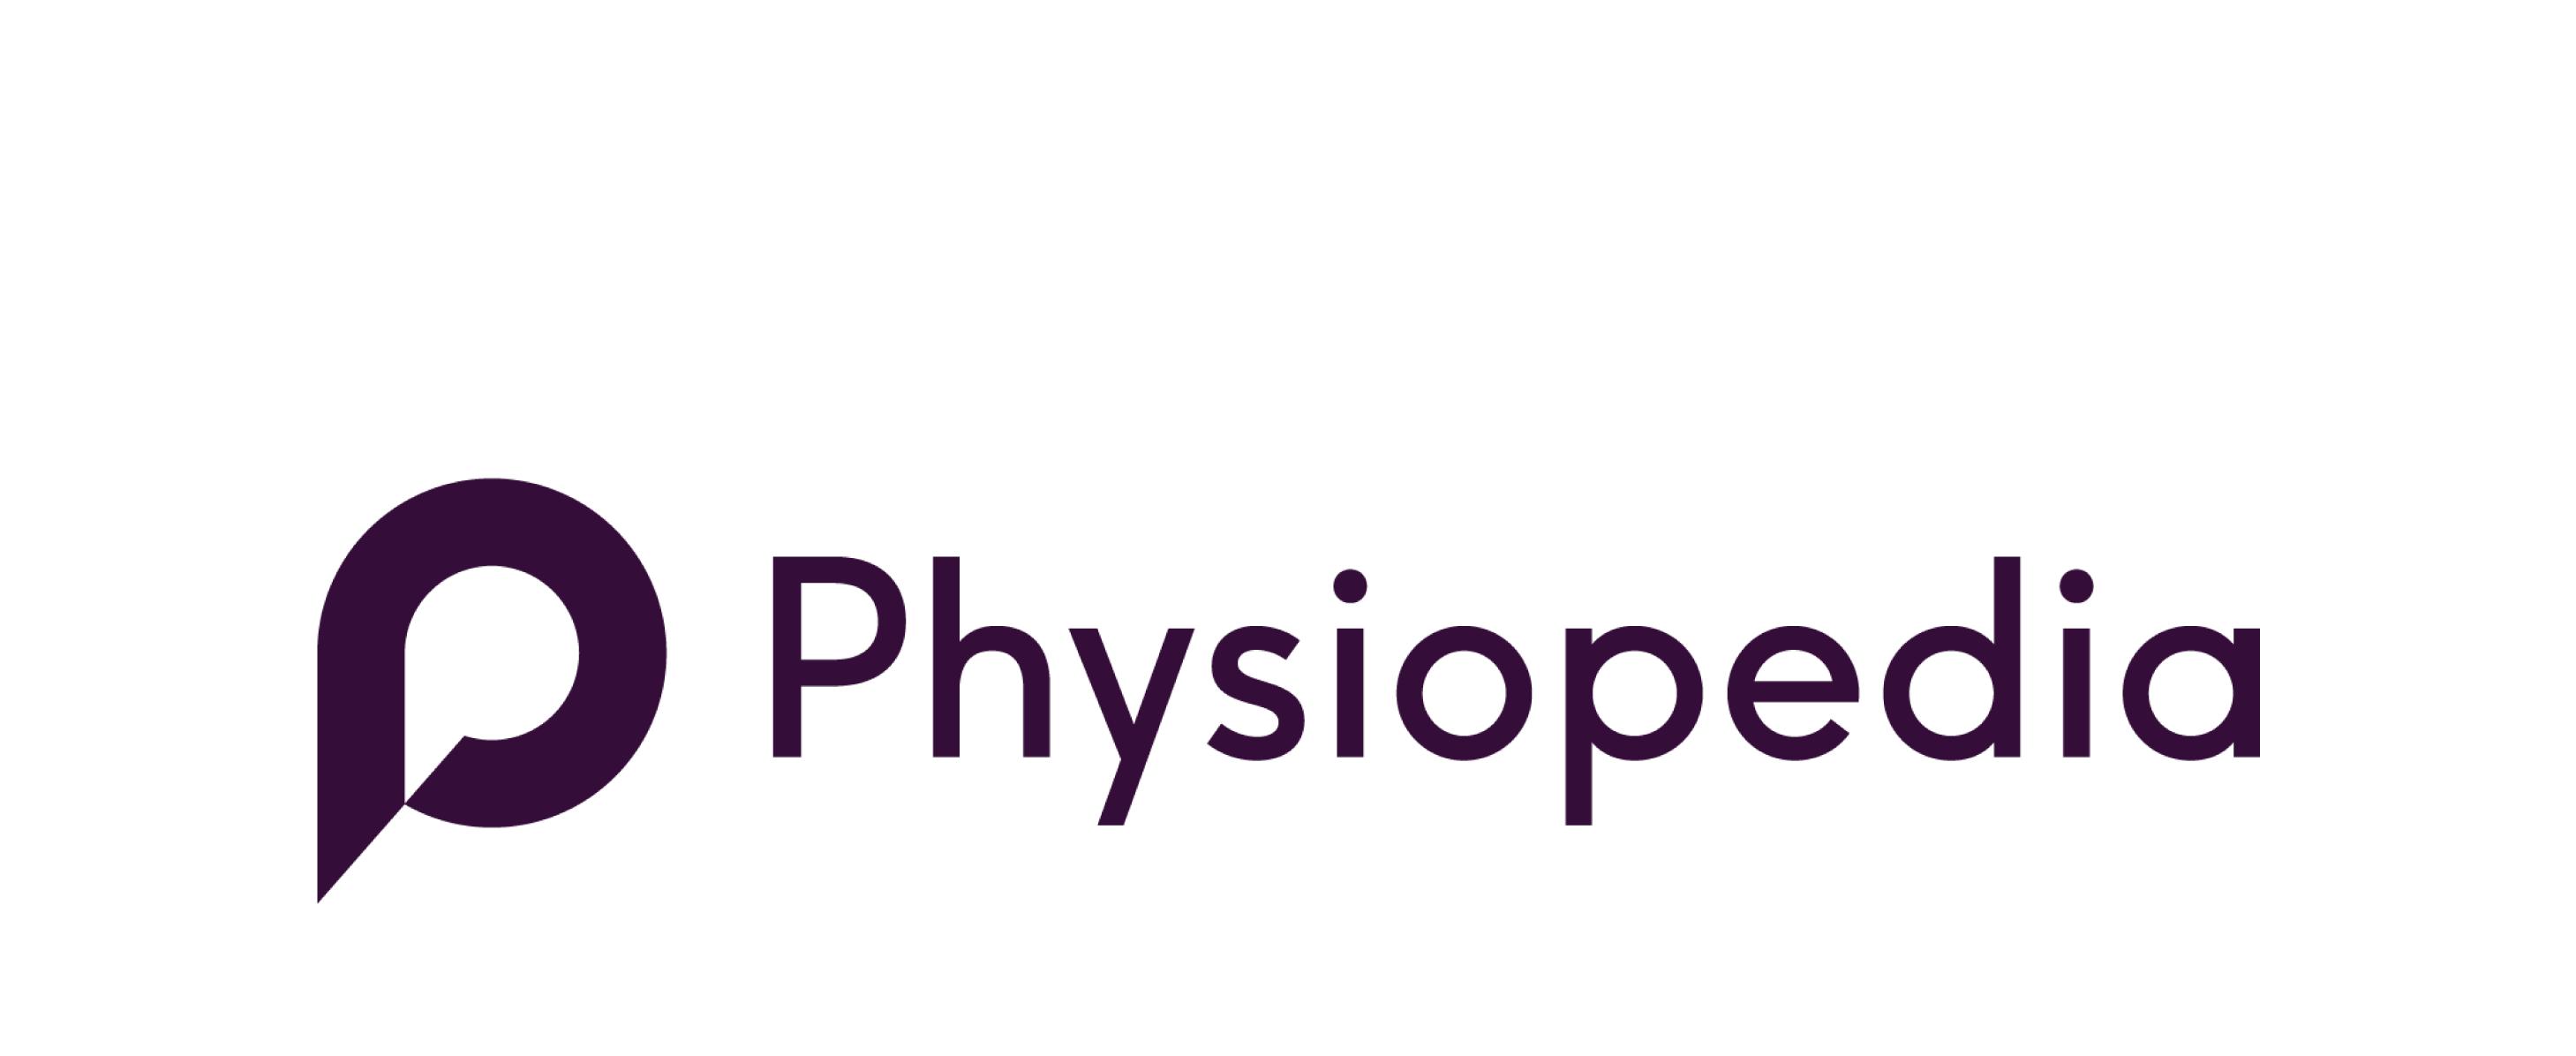 Physiopedia - logo